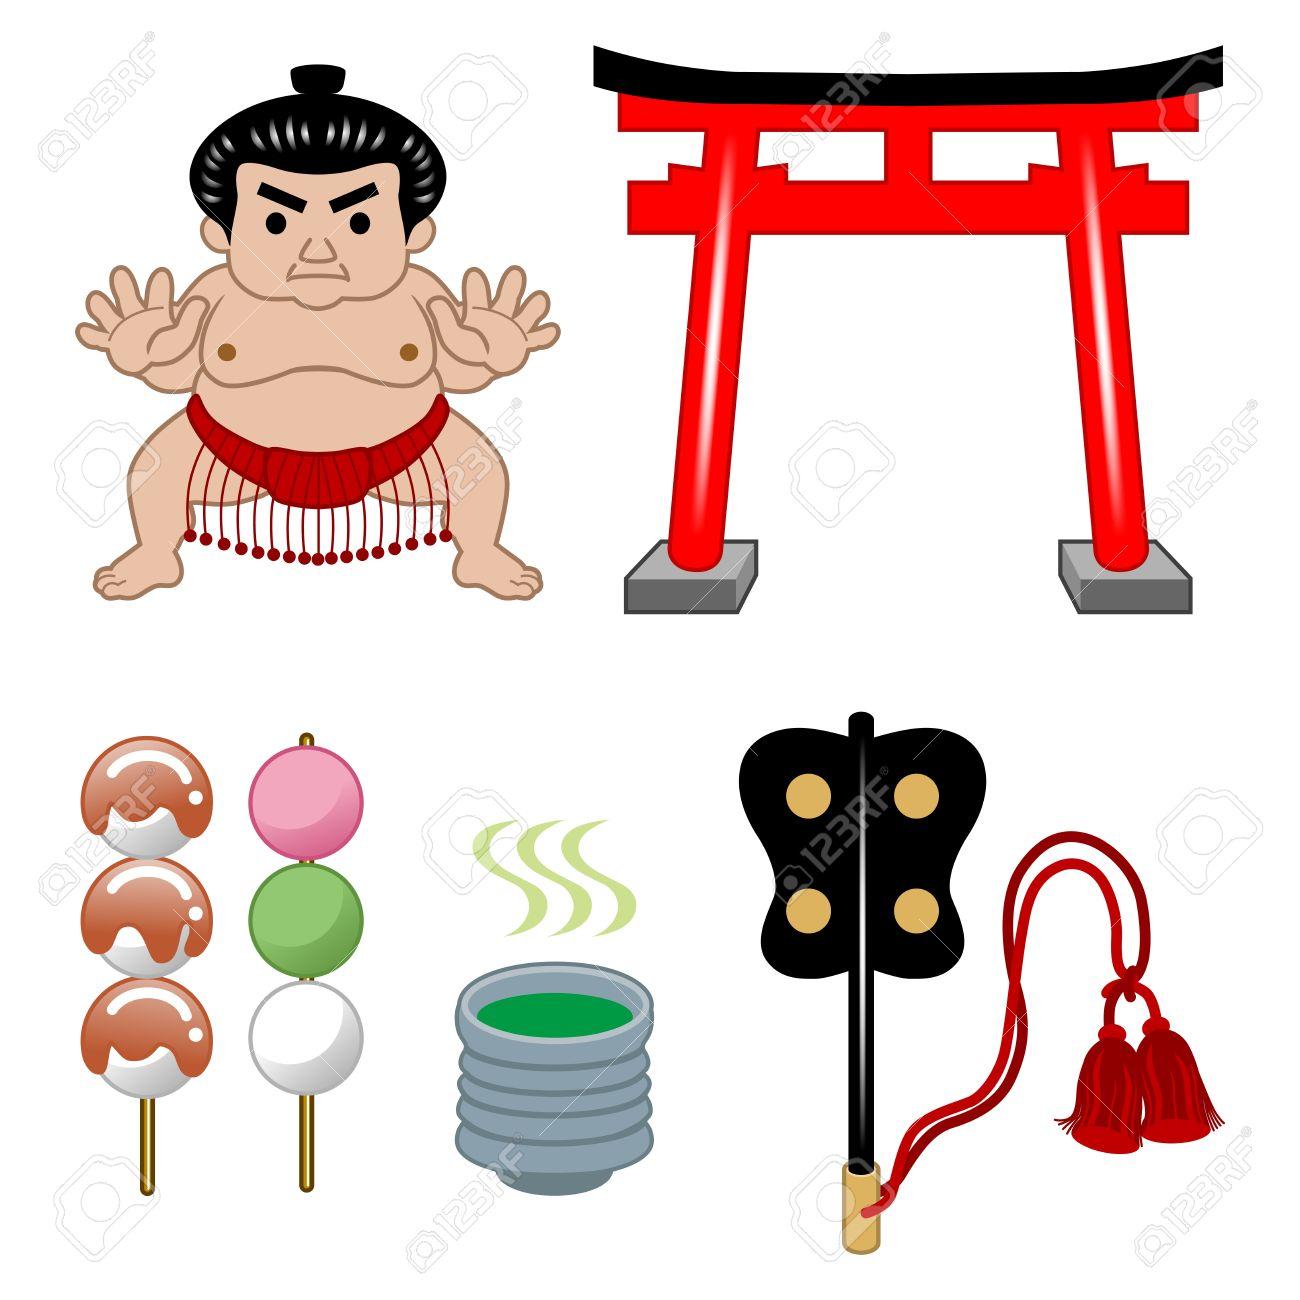 お相撲さんと日本文化のイラスト素材ベクタ Image 12847988